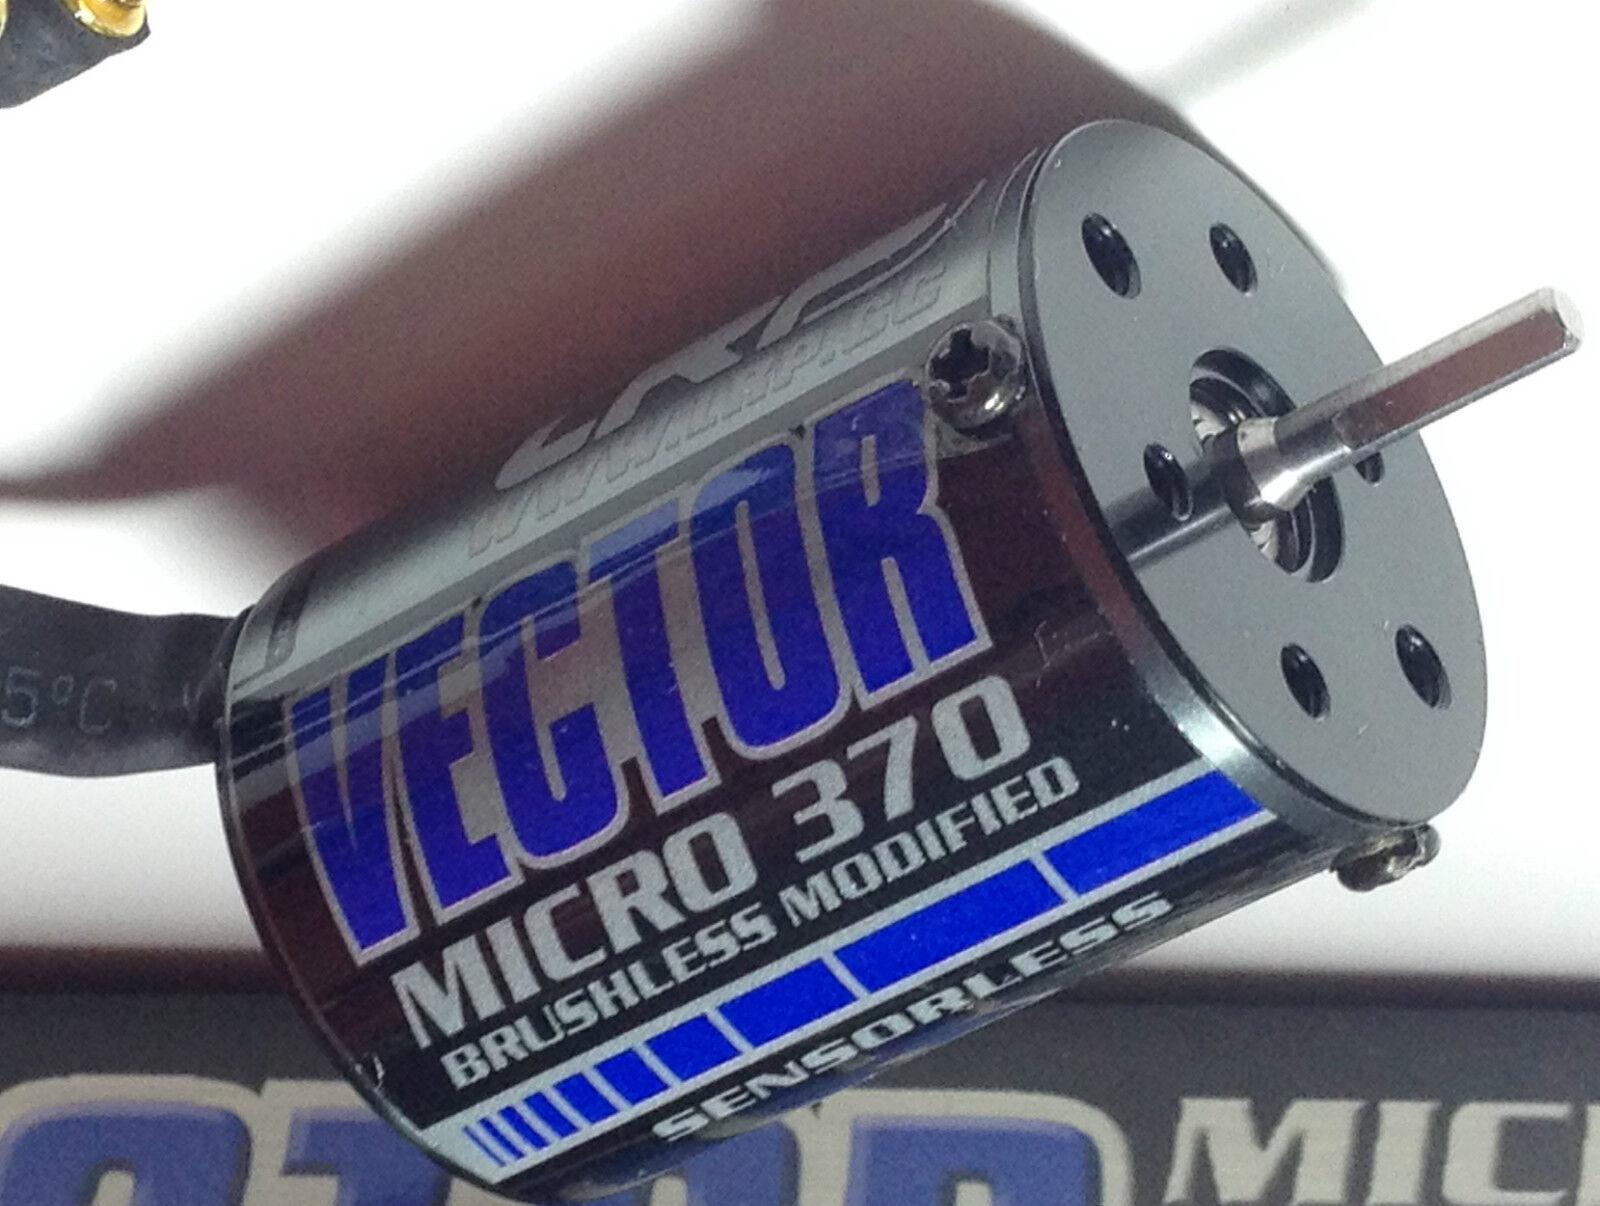 LRP 50250  Vector 7t BRUSHLESS Modified 370 egli MICRO MOTORE RPM Multi mounting  profitto zero